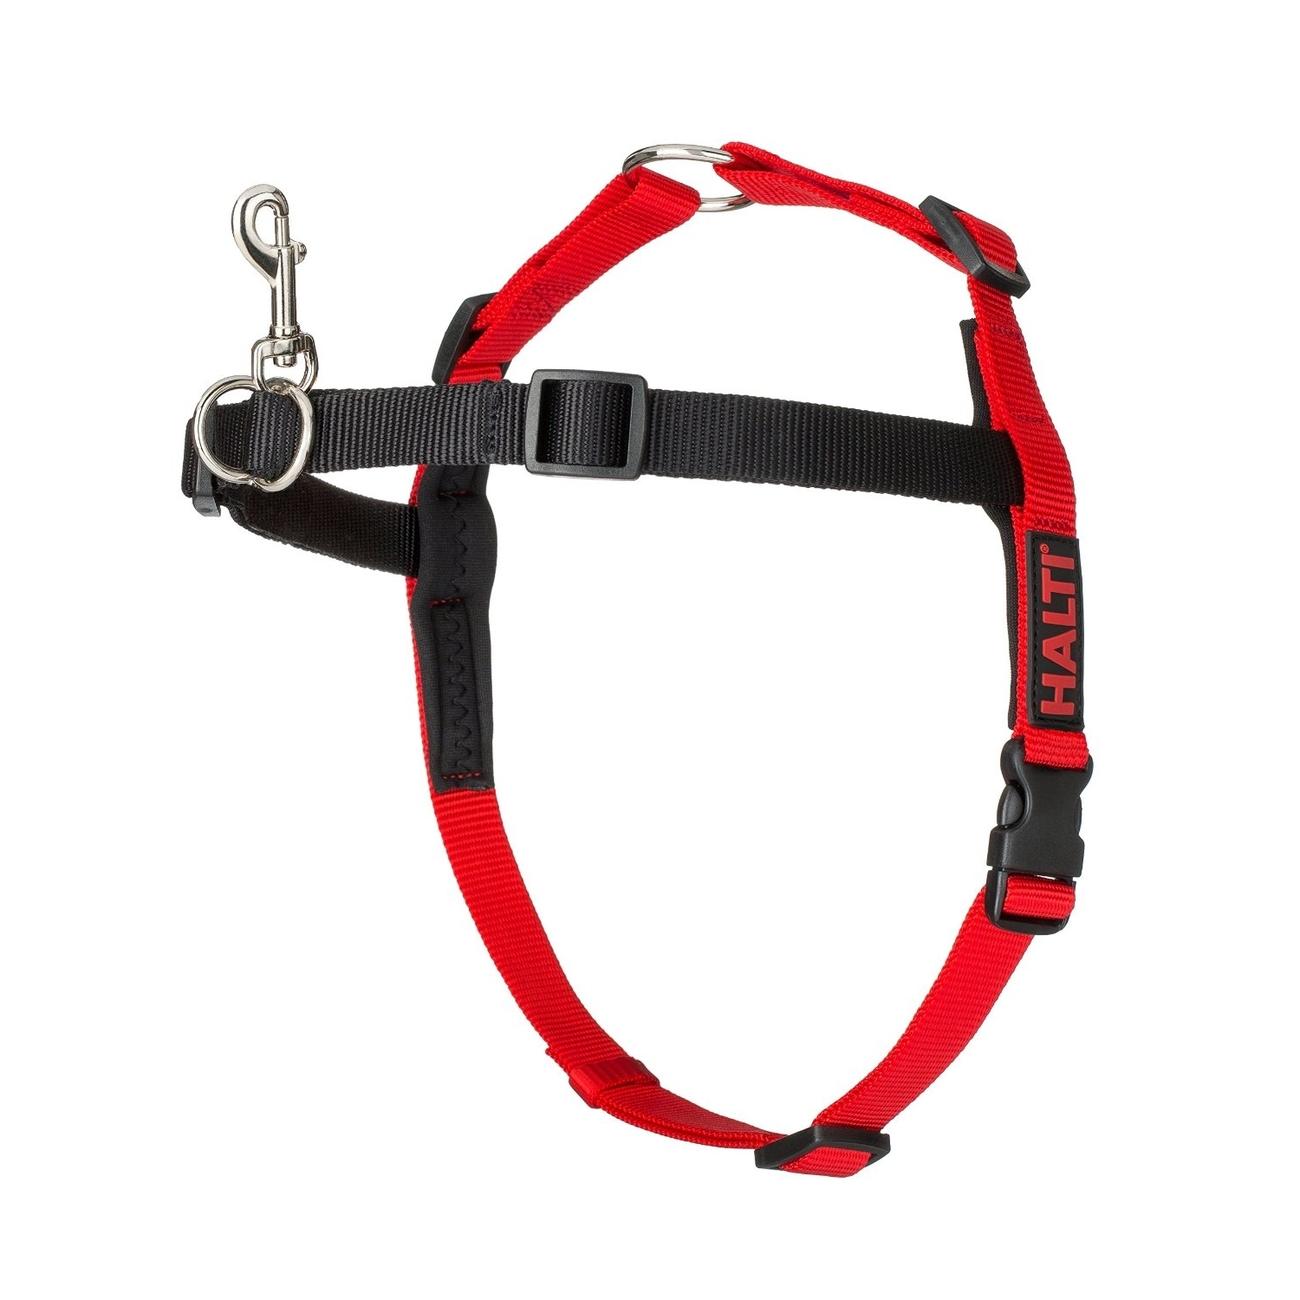 Company of Animals HALTI Harness Ausbildungsgeschirr für Hunde, Bild 5